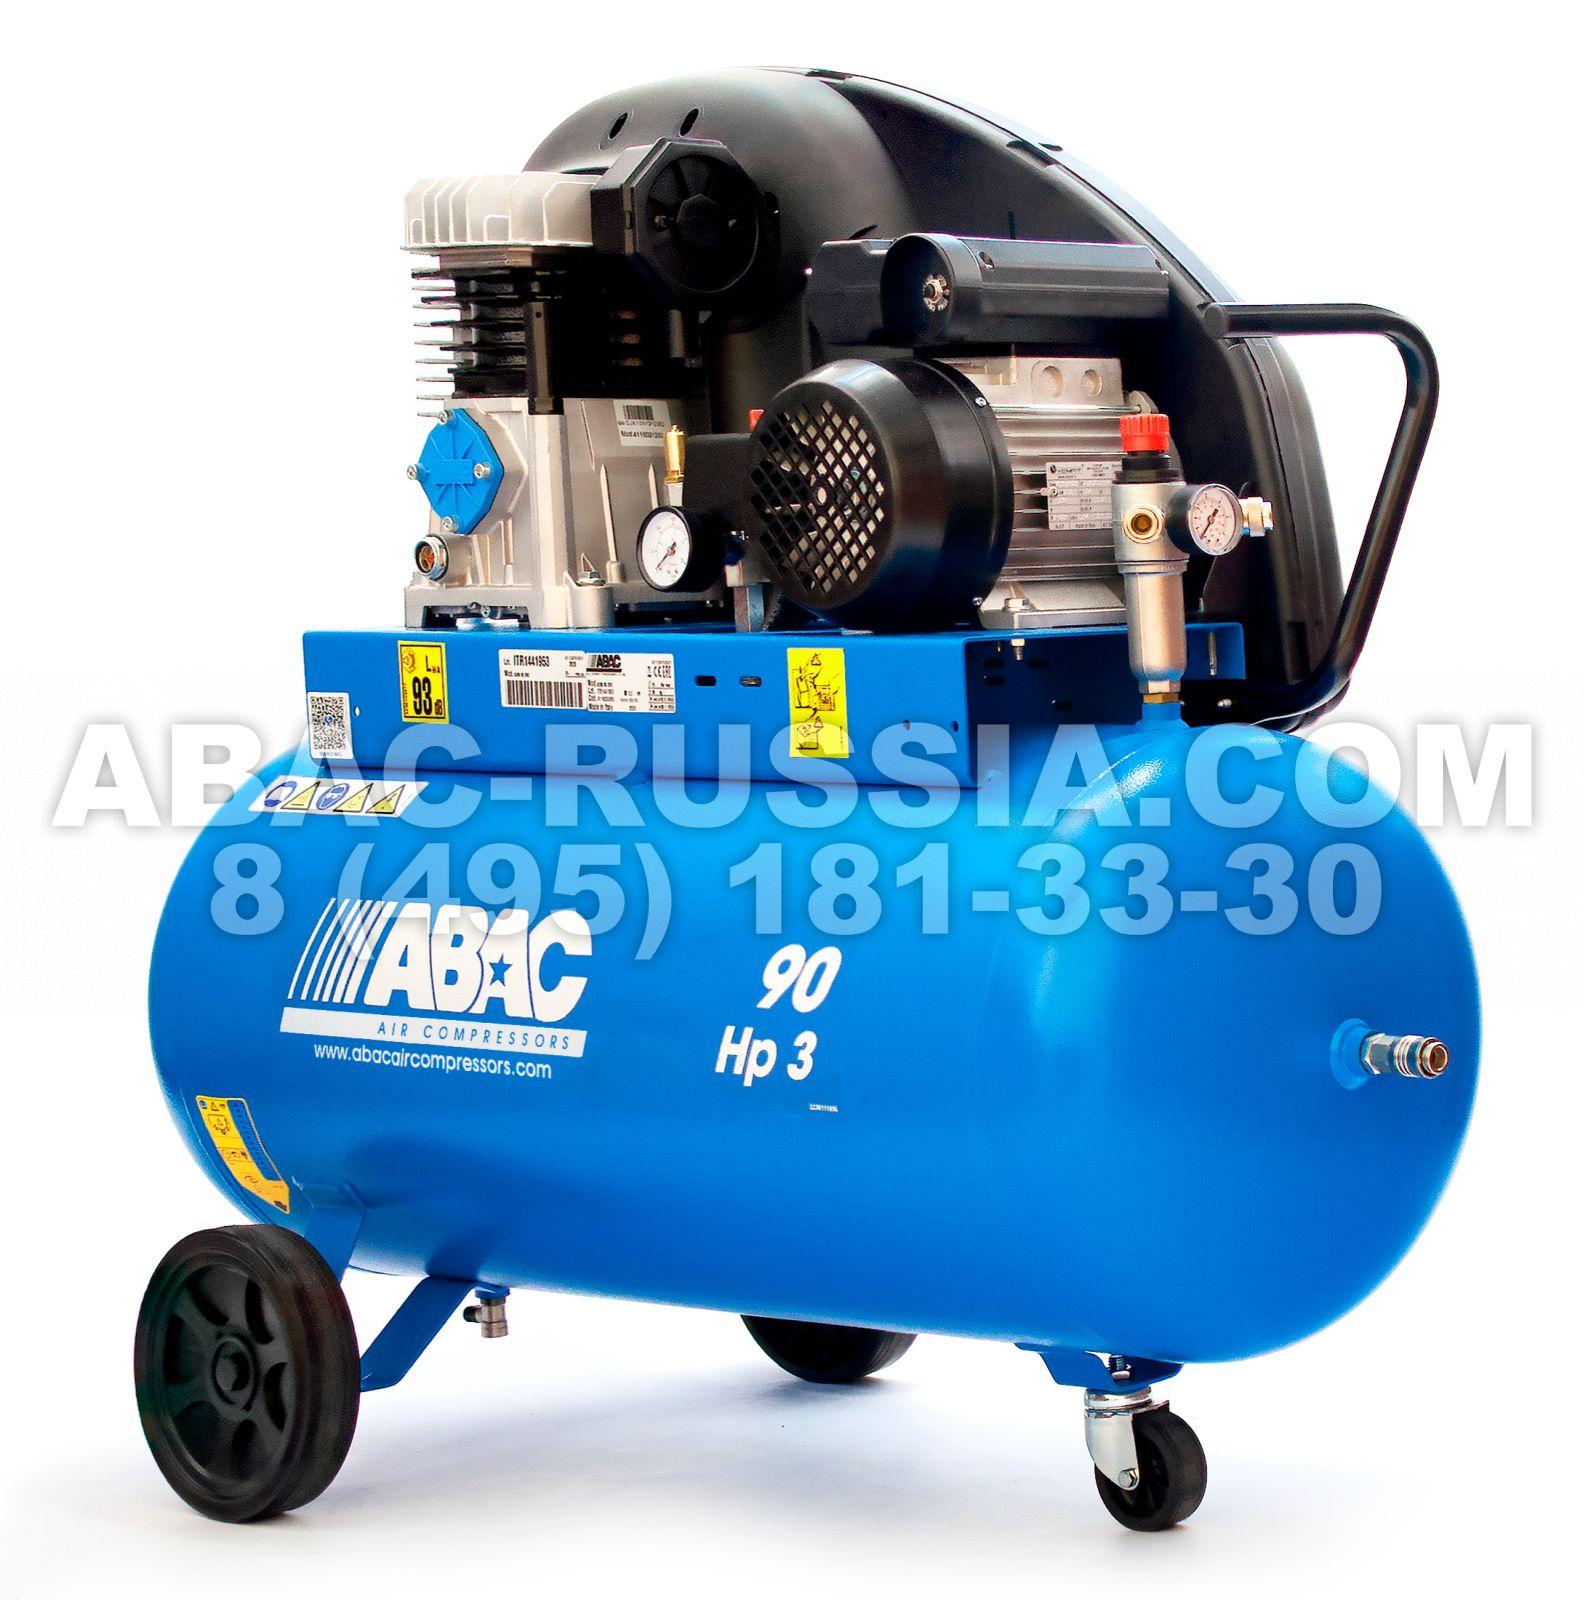 Поршневой компрессор ABAC А29В/90 СМ3 4116024363